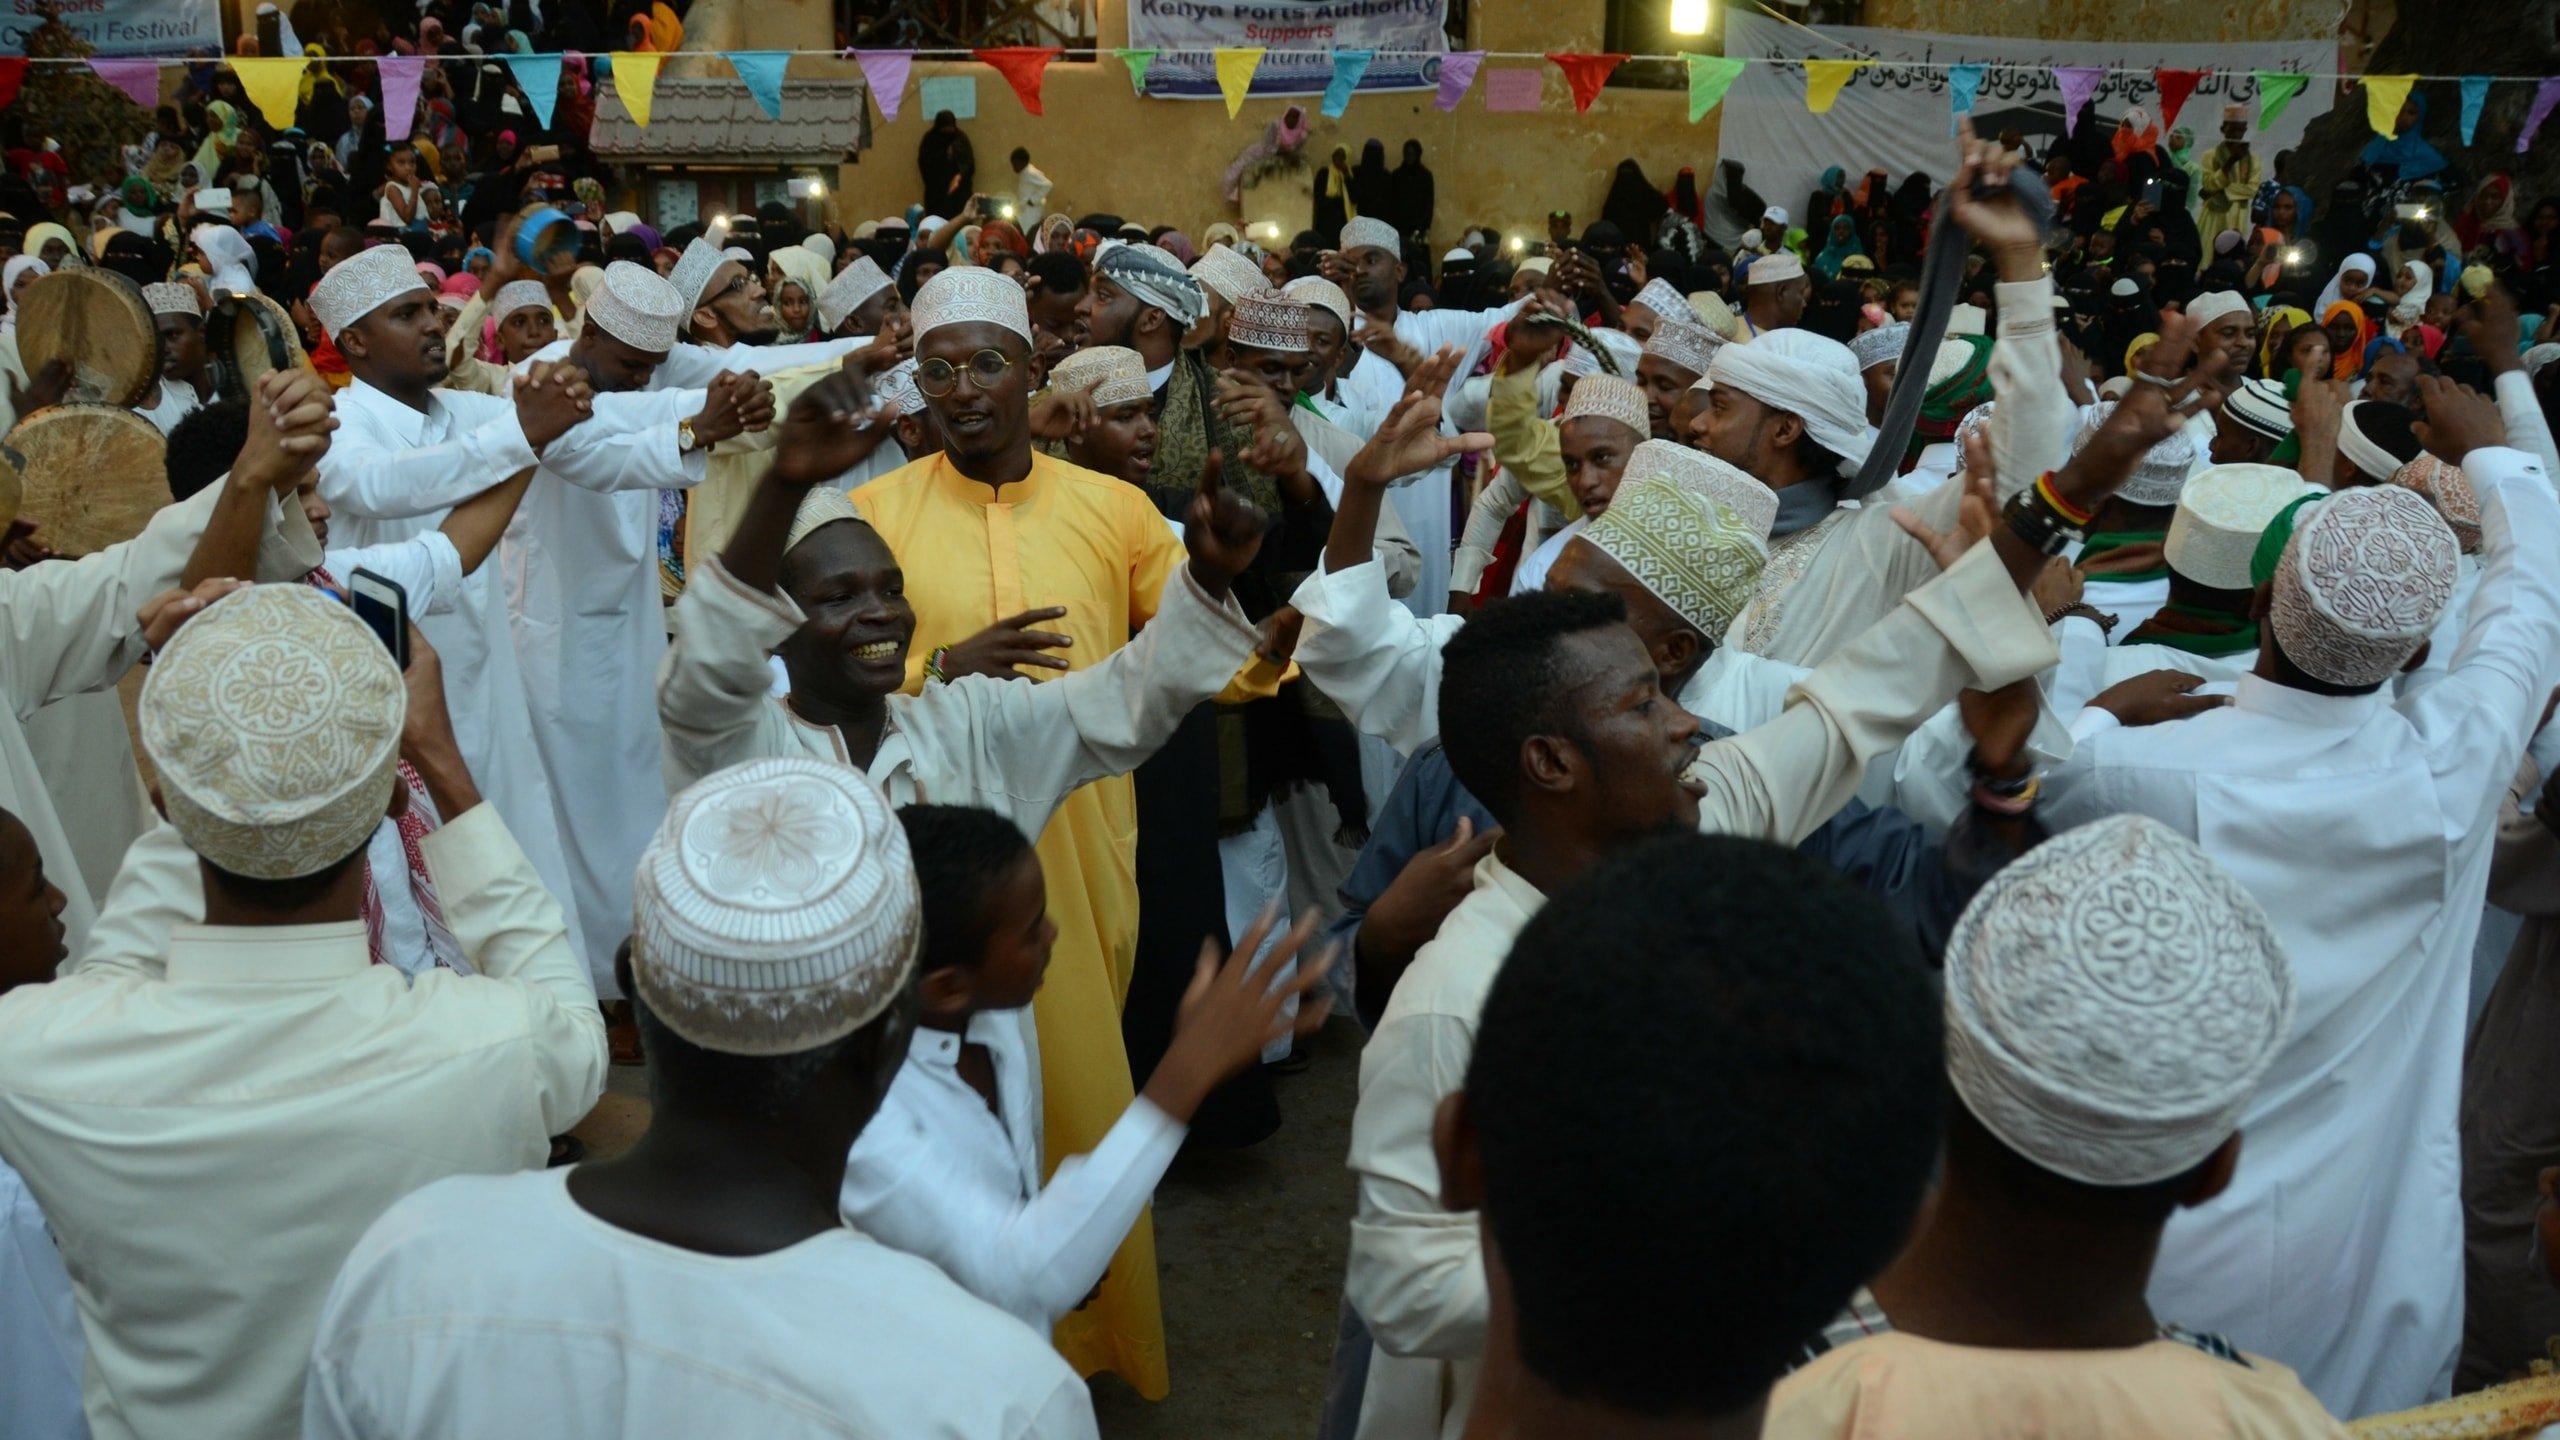 Muslime feiern in Lamu den Geburtstag des Propheten Mohamed mit einer Prozession.